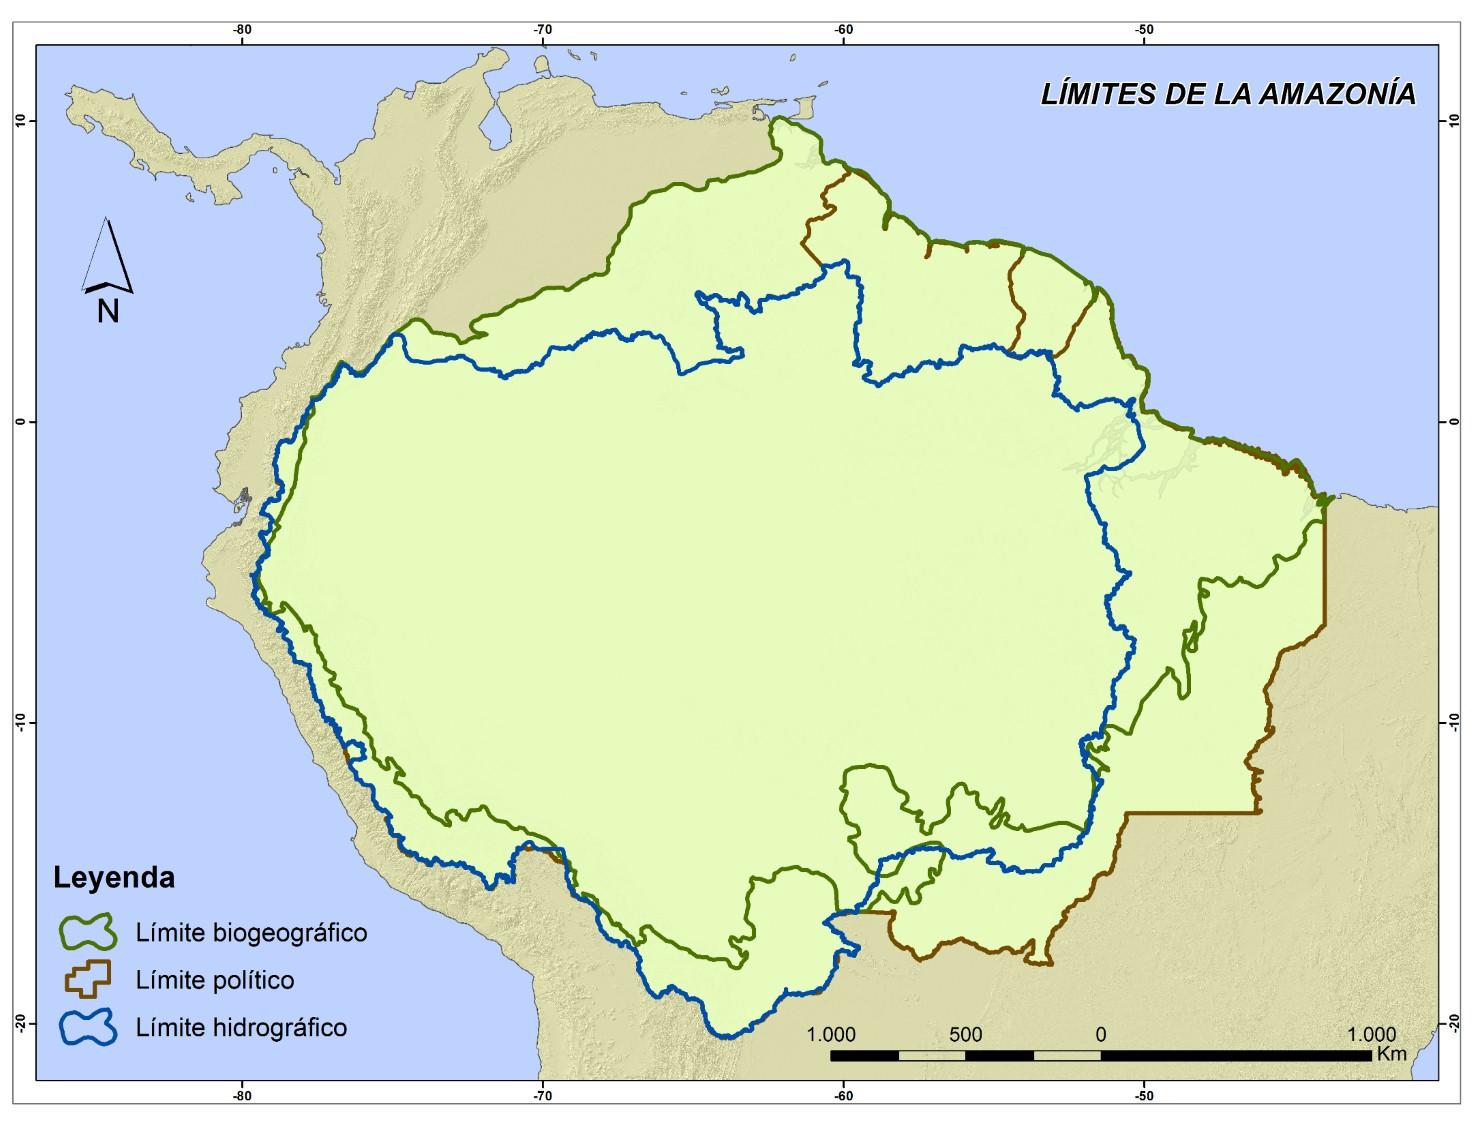 http://177.75.6.227/siigef/public/img/mapa/Imagen_Laimitepolaitico.jpg